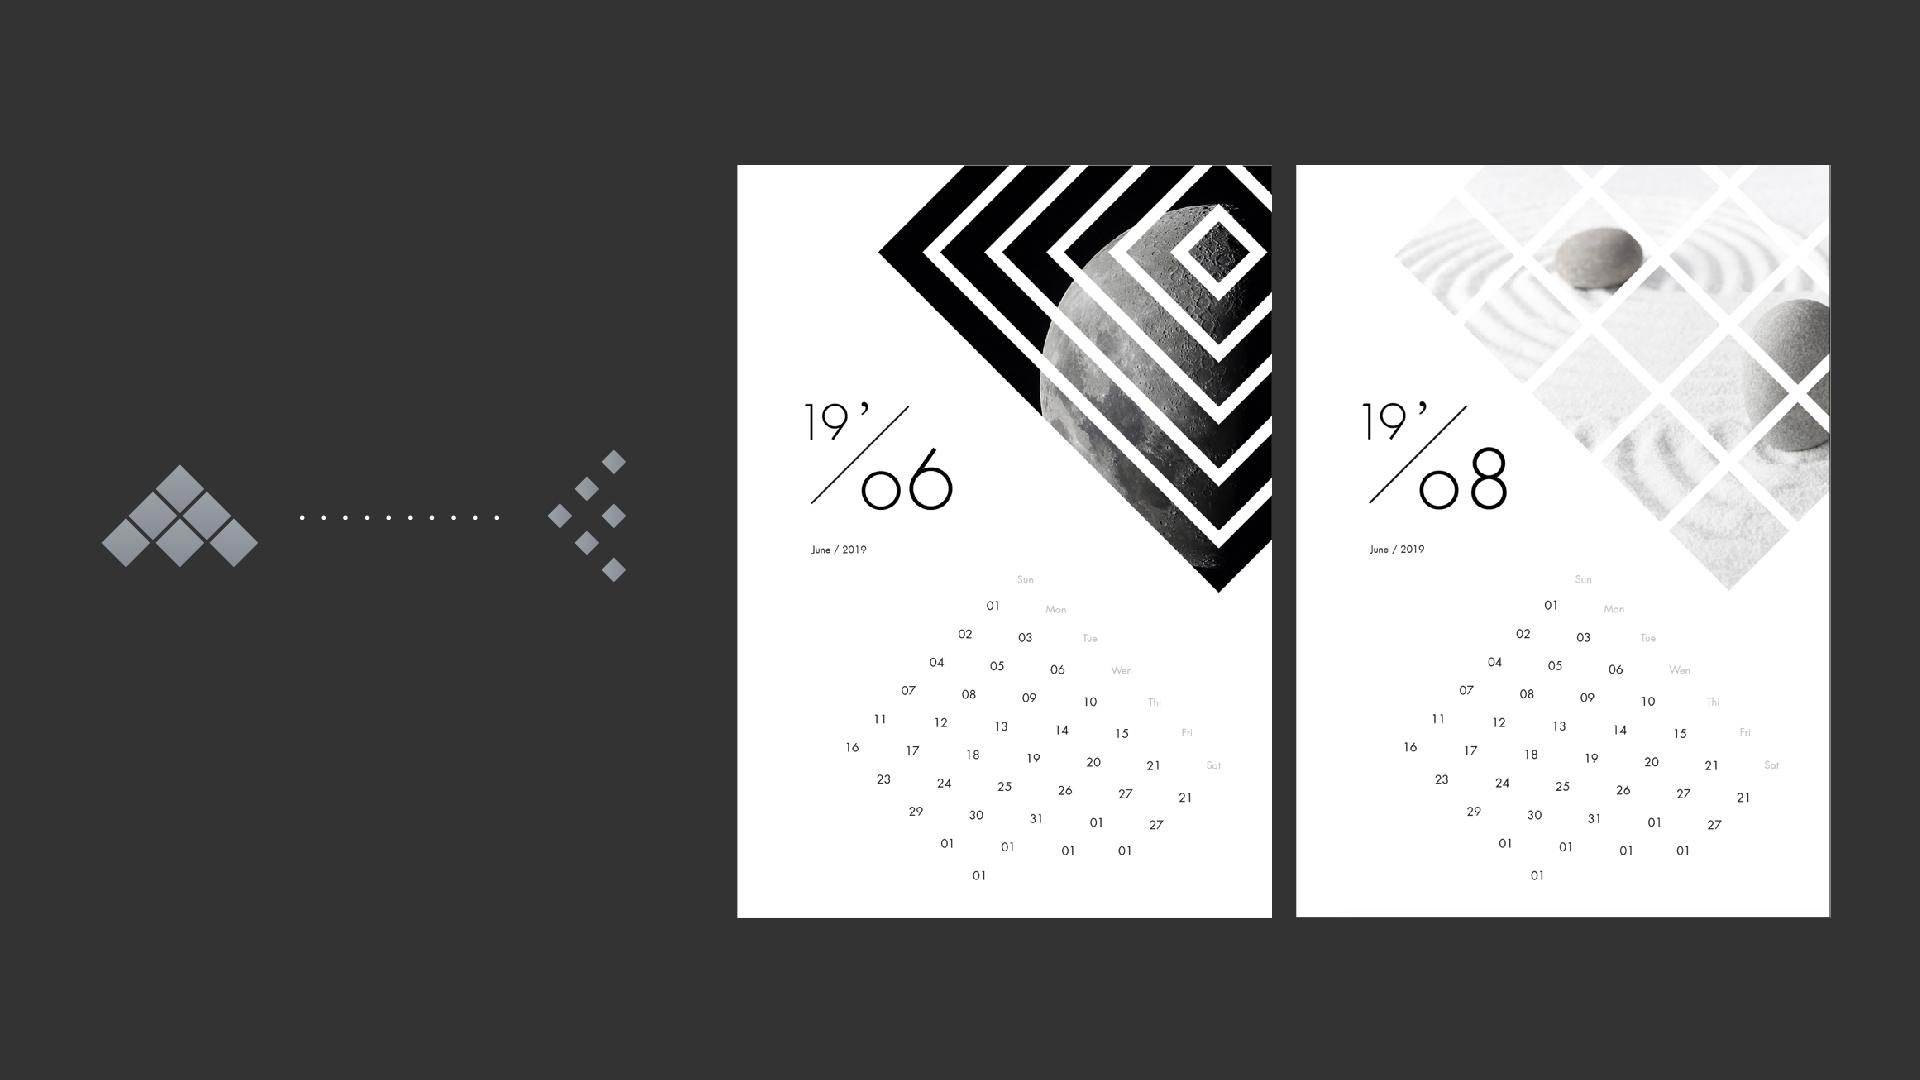 品牌标识设计,品牌vi建设等步骤,创造了一系列ai零售专属的视觉展现